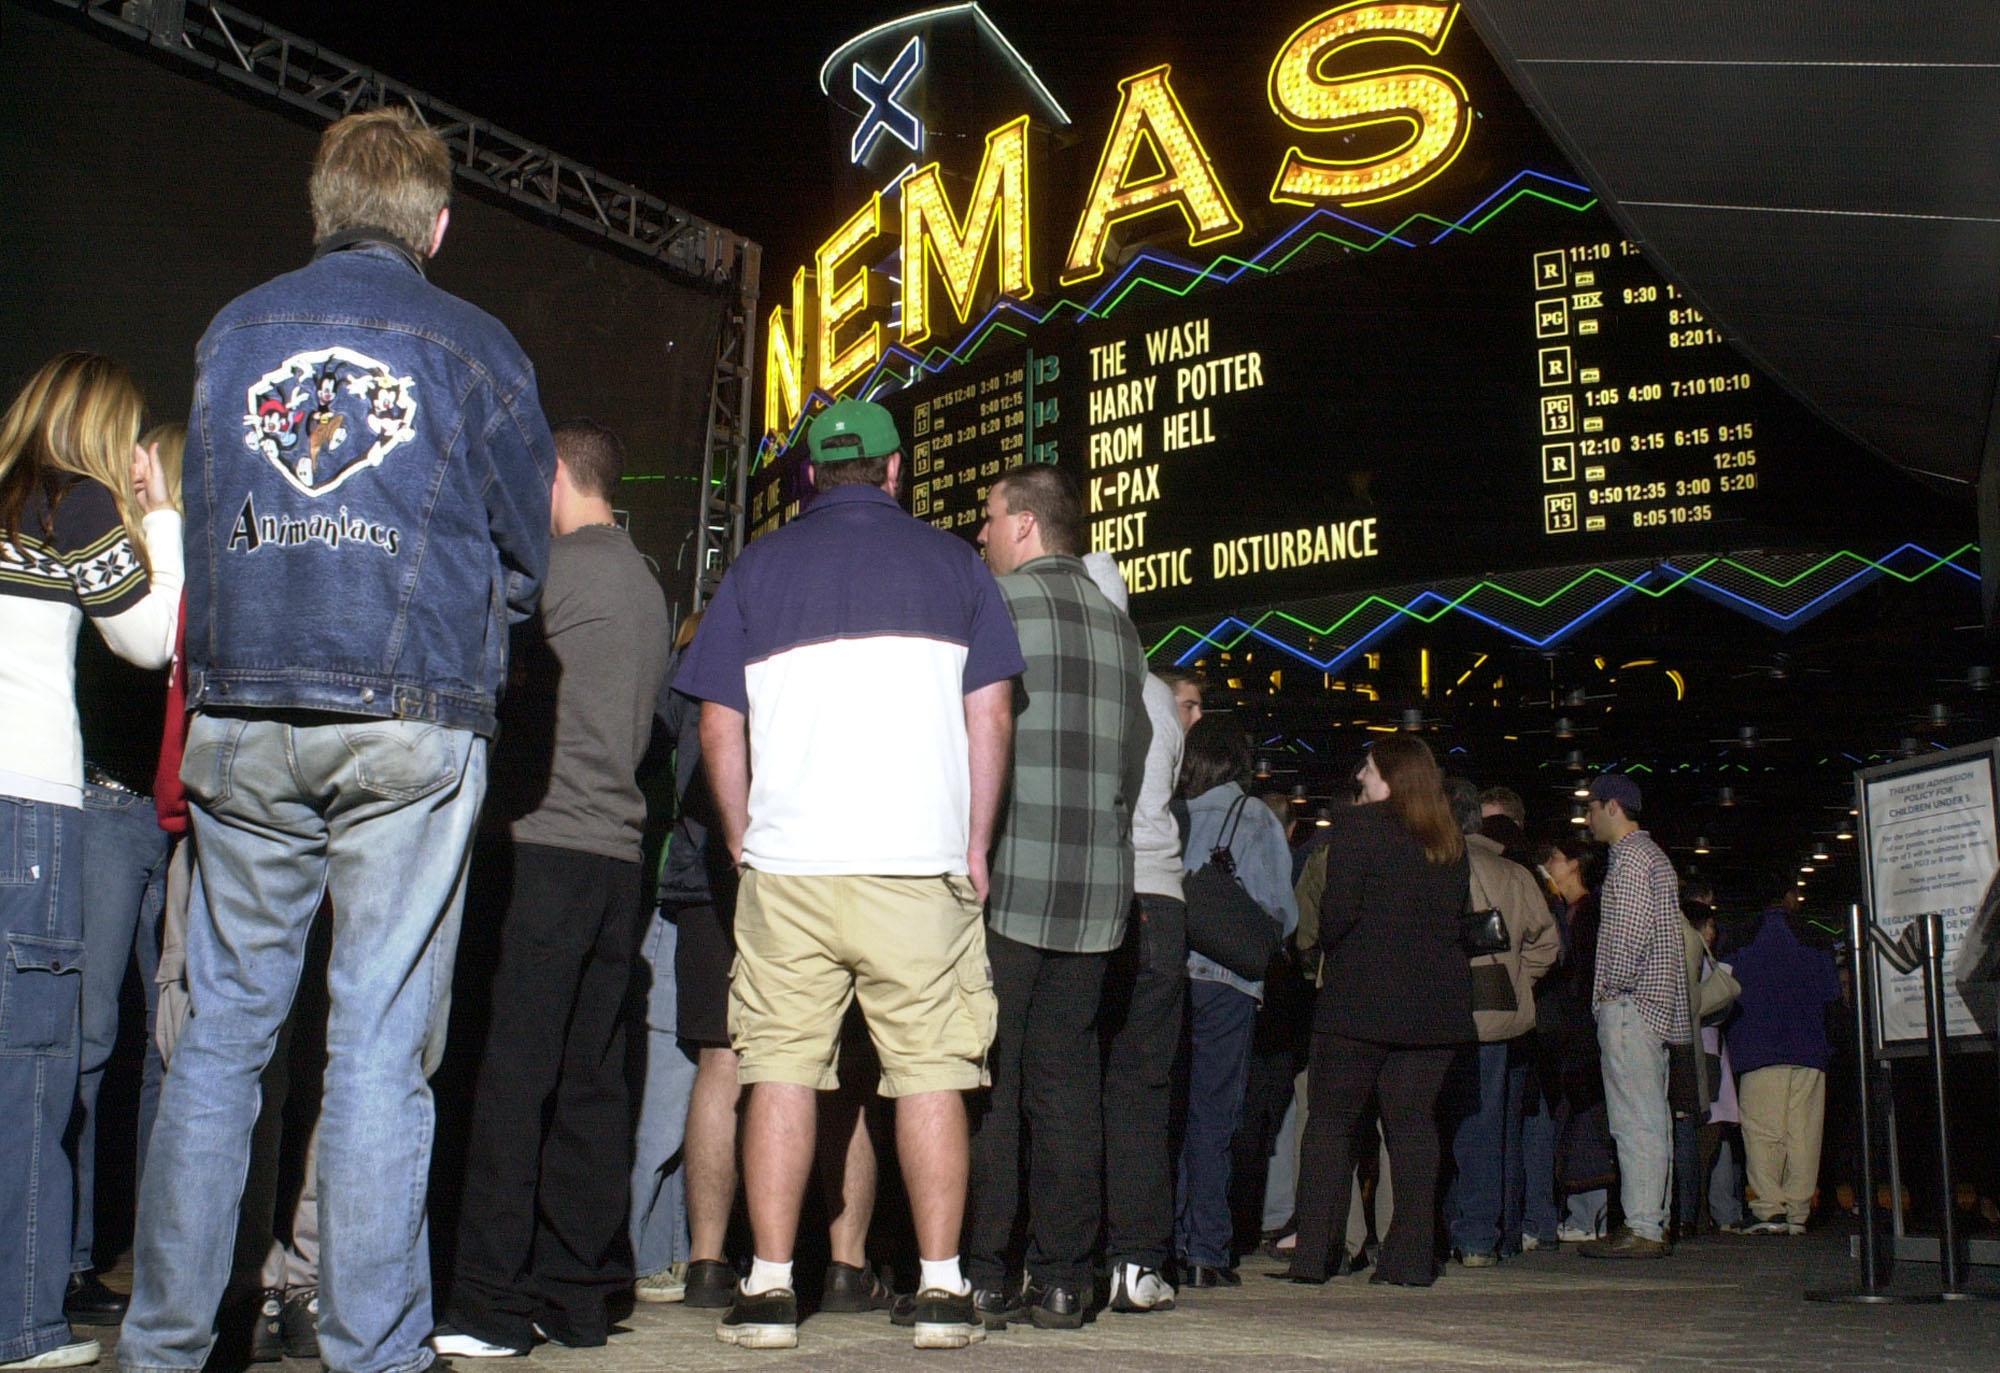 2001年11月15日,哈利波特書迷們在洛杉磯戲院外排隊等看電影首映。(美聯社)